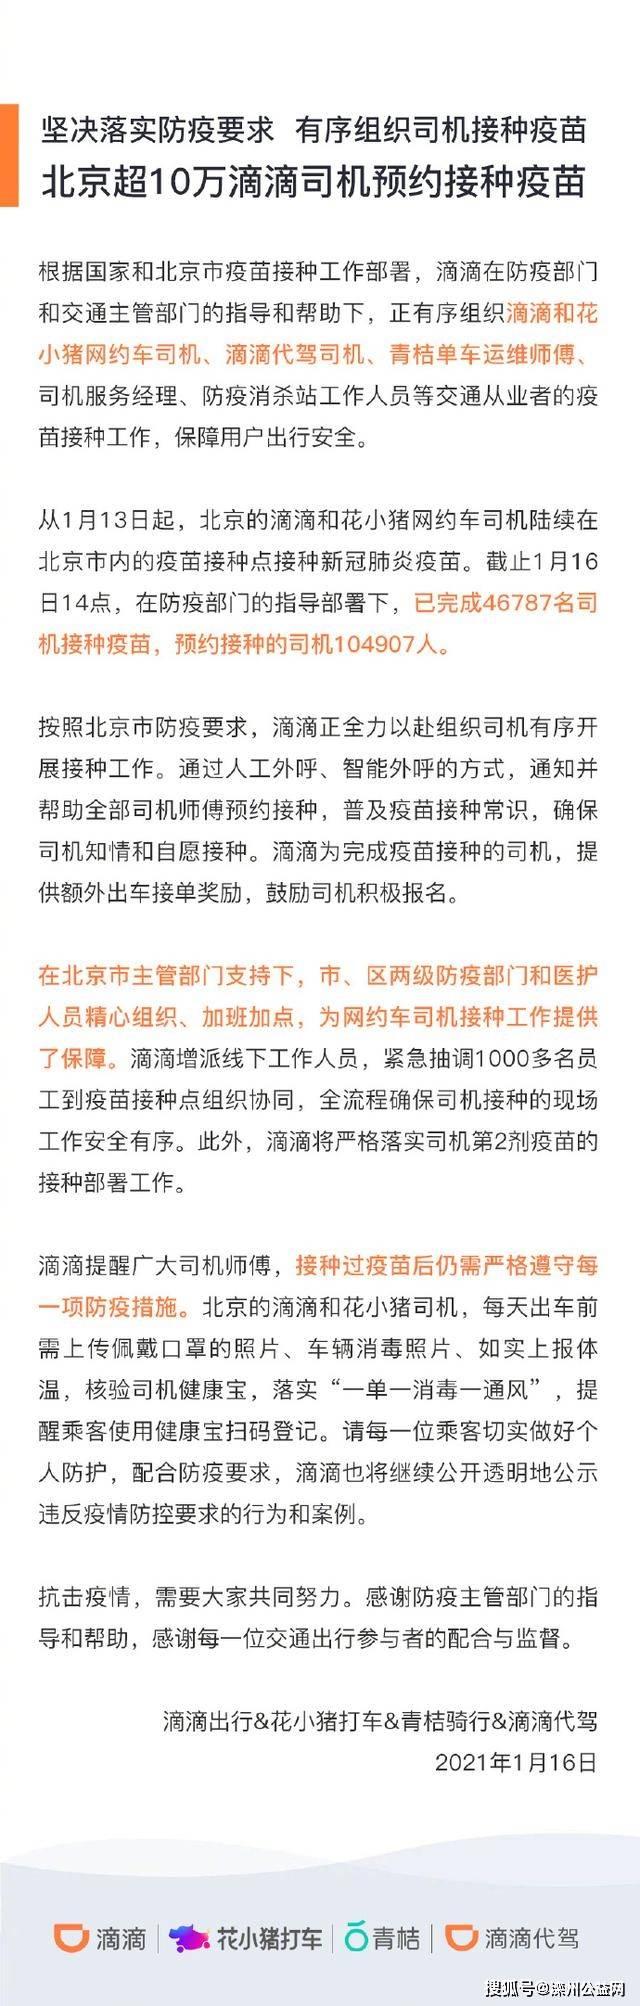 滴滴在北京已完成46787名司机接种疫苗,预约接种超10万人